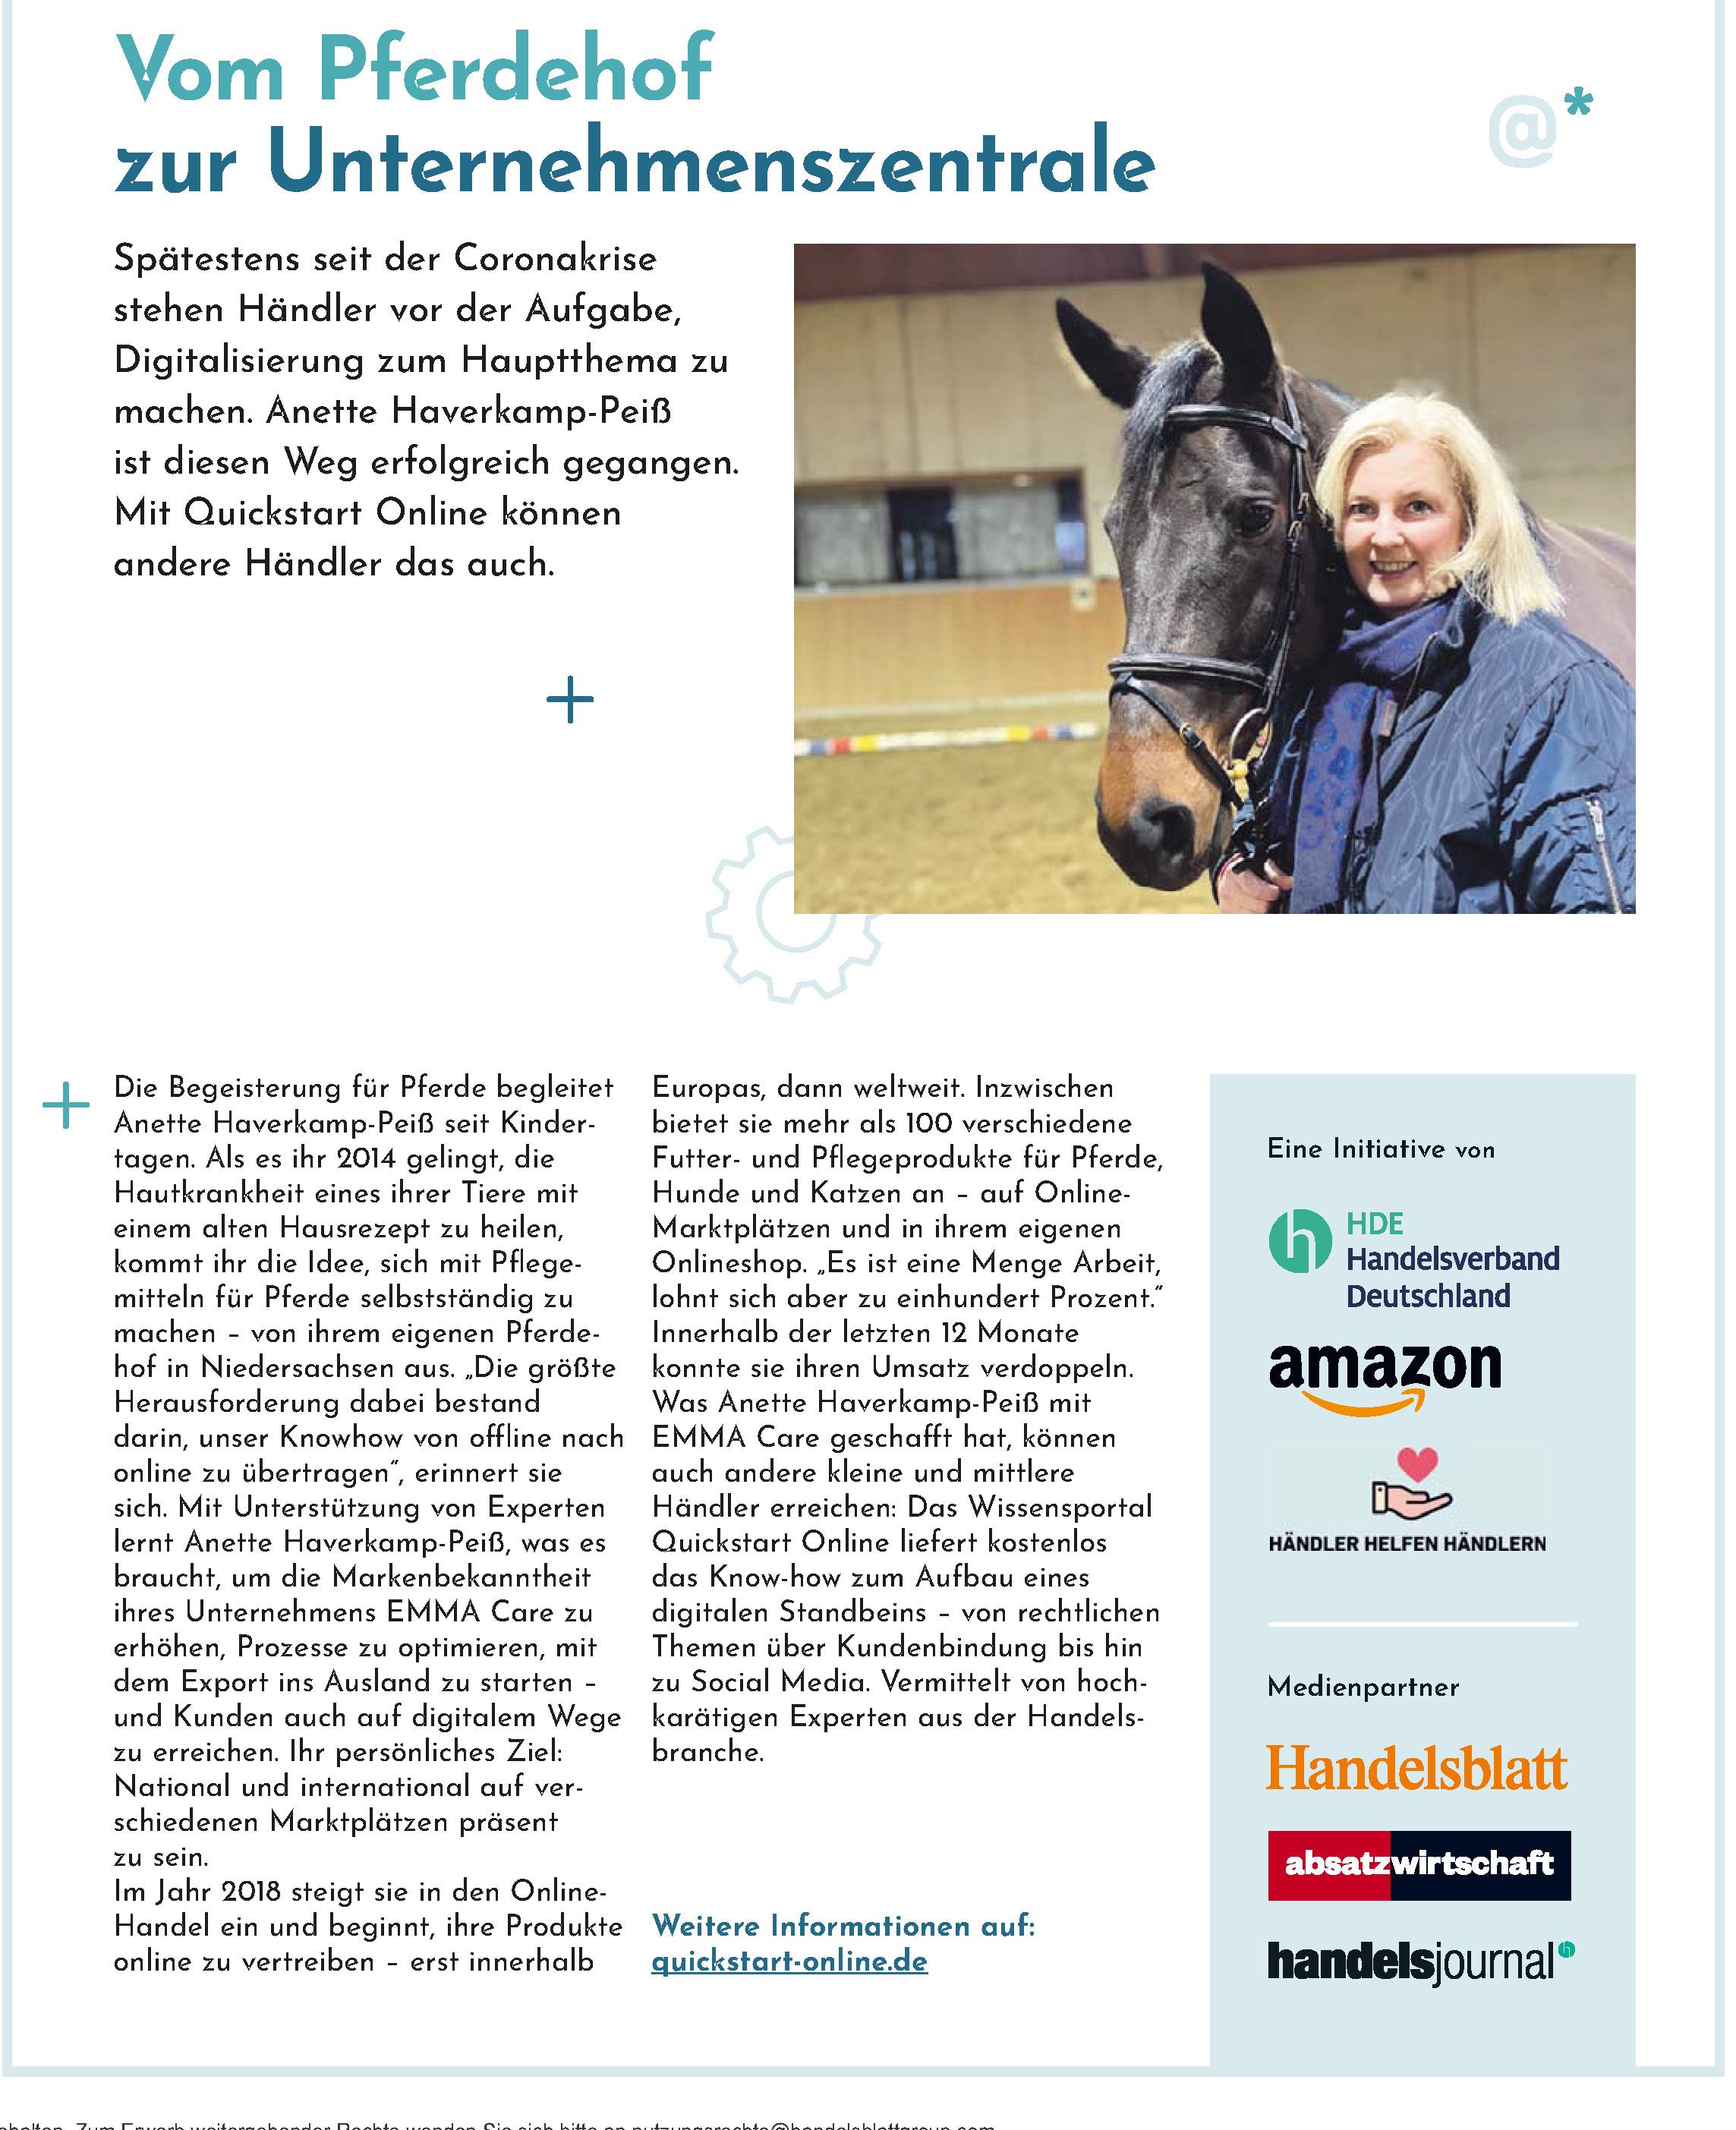 Anette-haverkamp-emma-eventing_Handelsblatt_2020-10-13